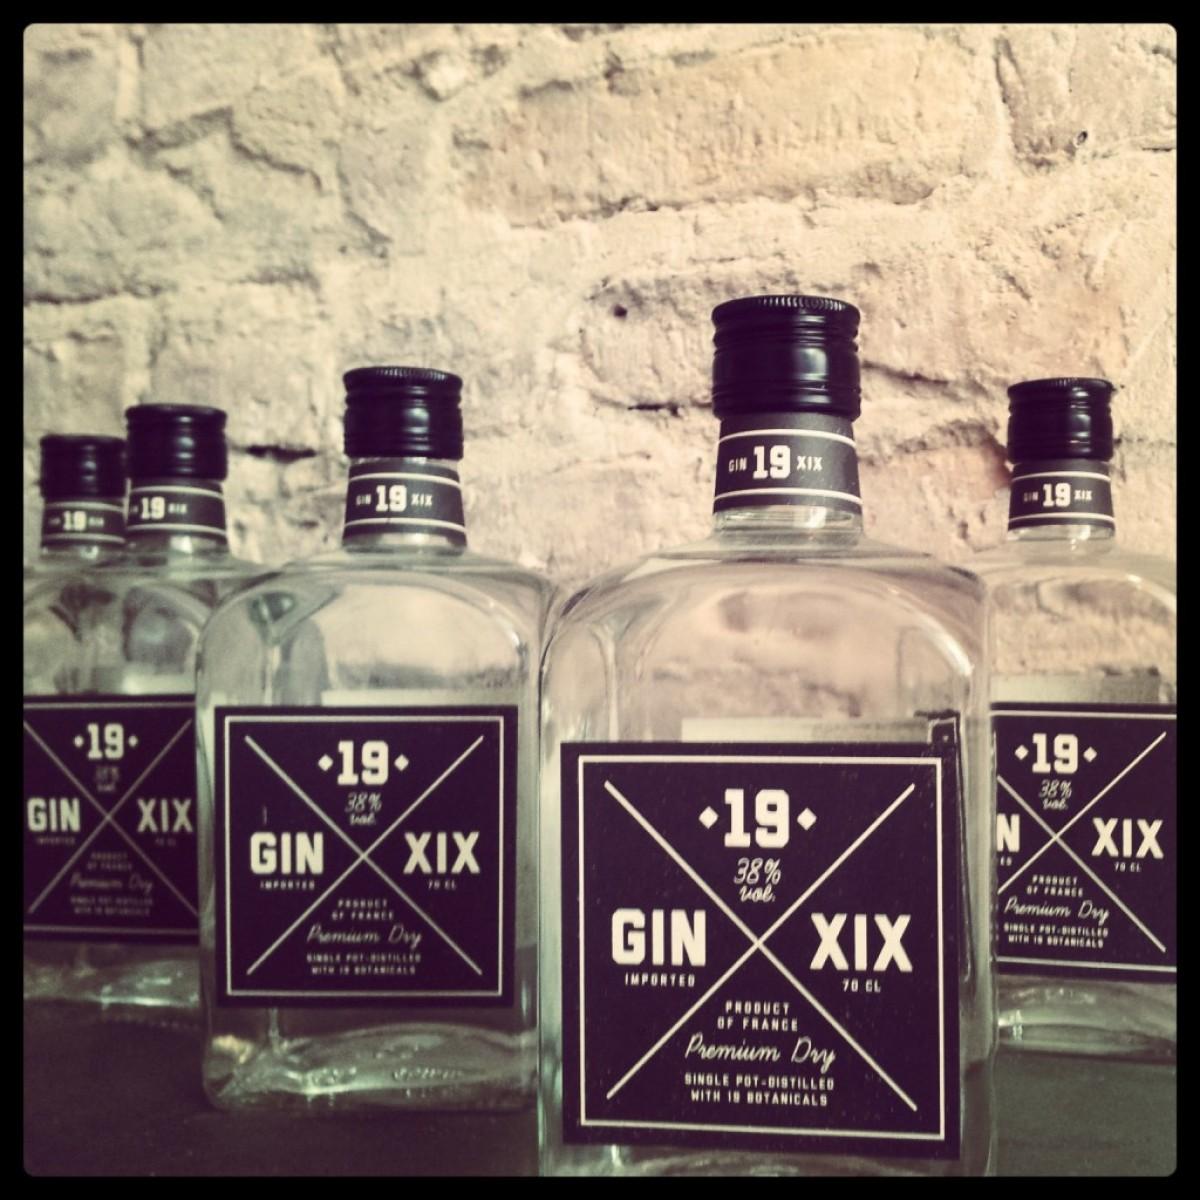 The Liquor Company - Gin XIX - premium dry (0,7l)